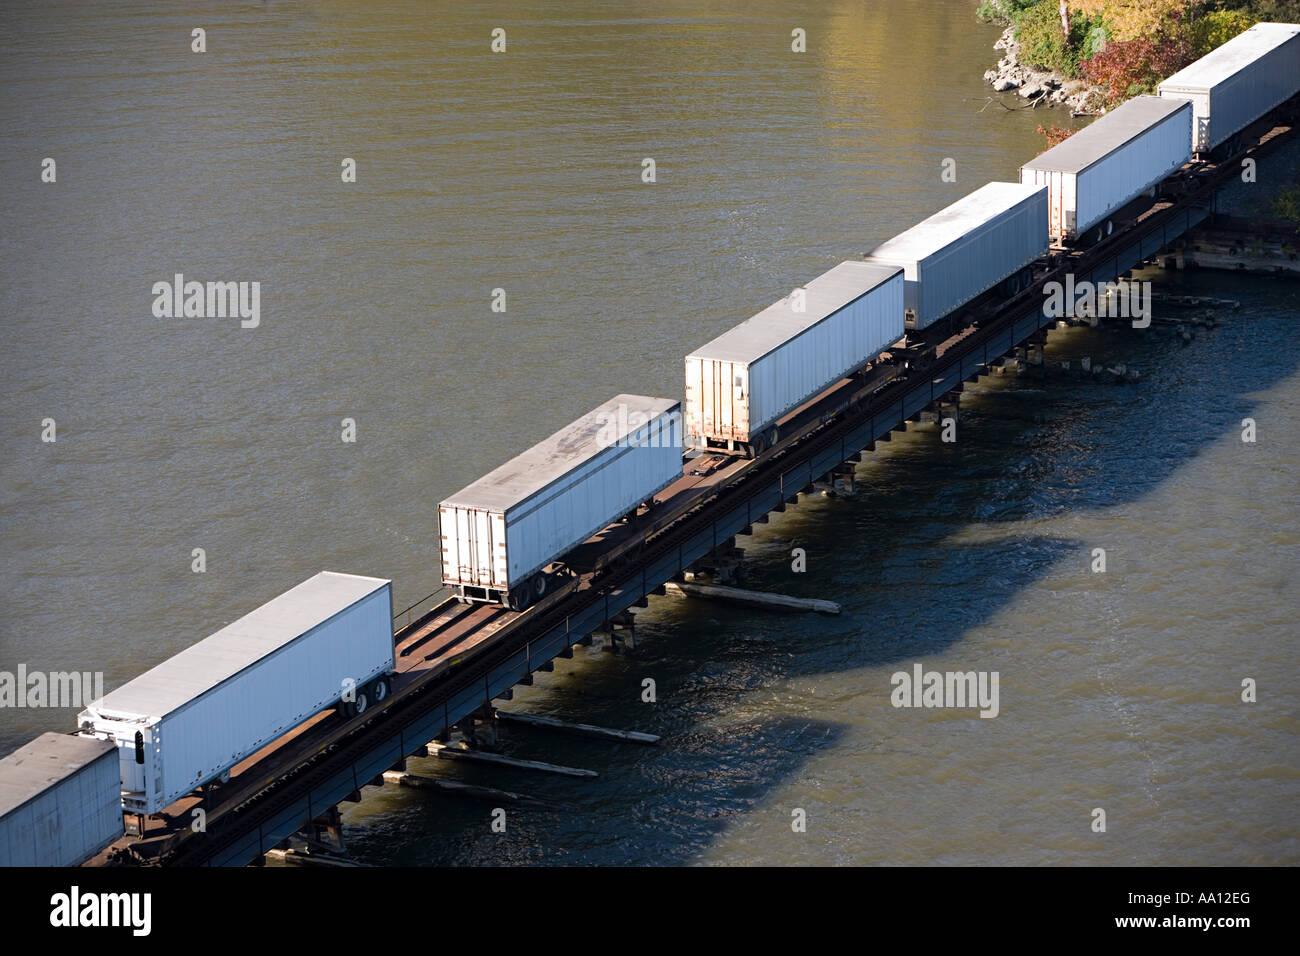 Trailer de un camión en un contenedor de carga Imagen De Stock